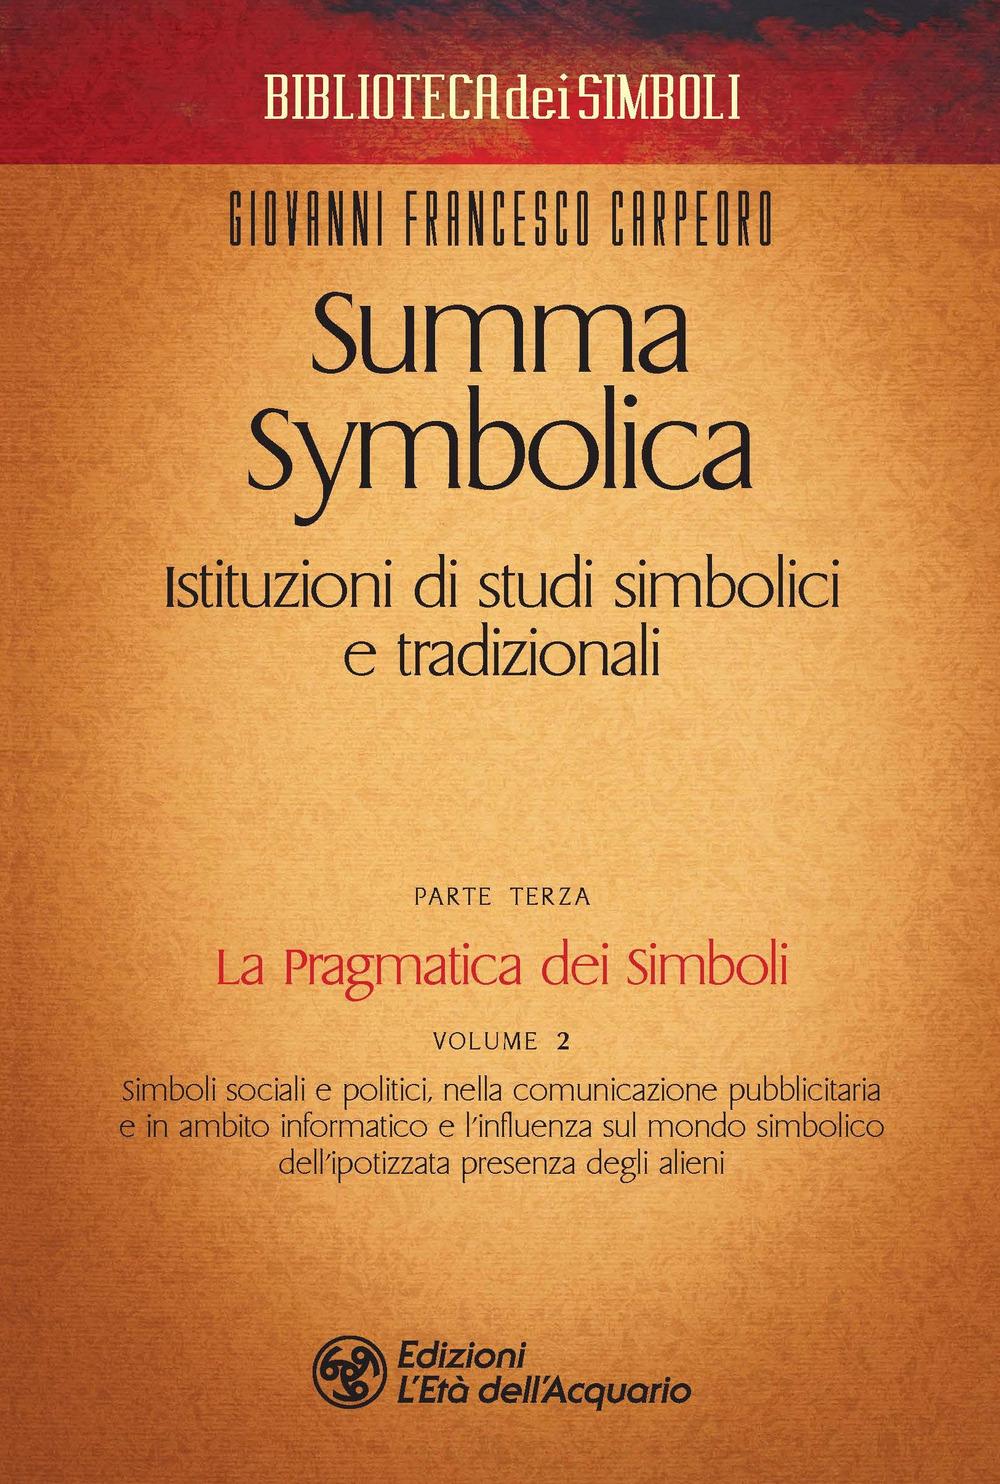 SUMMA SYMBOLICA. ISTITUZIONI DI STUDI SIMBOLICI E TRADIZIONALI - Carpeoro Giovanni Francesco - 9788833362335